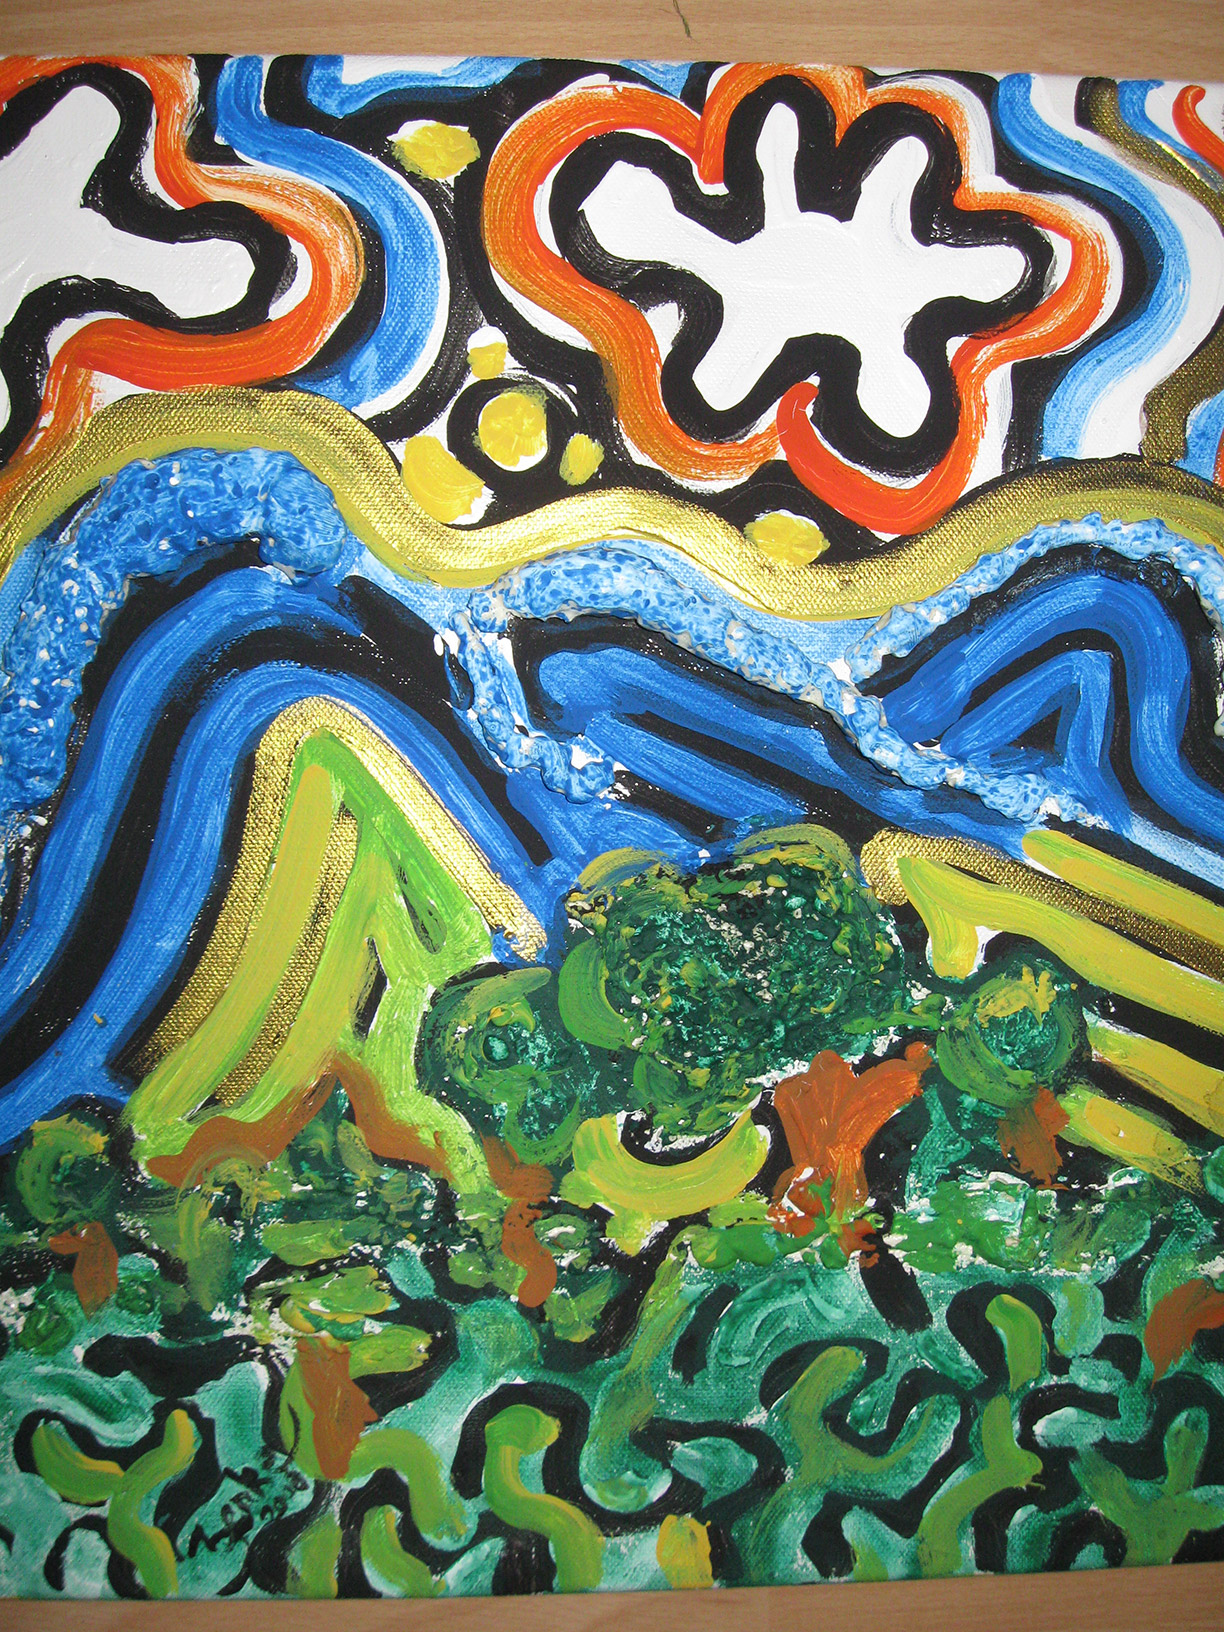 das schöpferische Gestalten und Schaffen von Werken (wie Malerei, Musik, Literatur), für das jmd. Begabung und ein bestimmtes Können braucht.